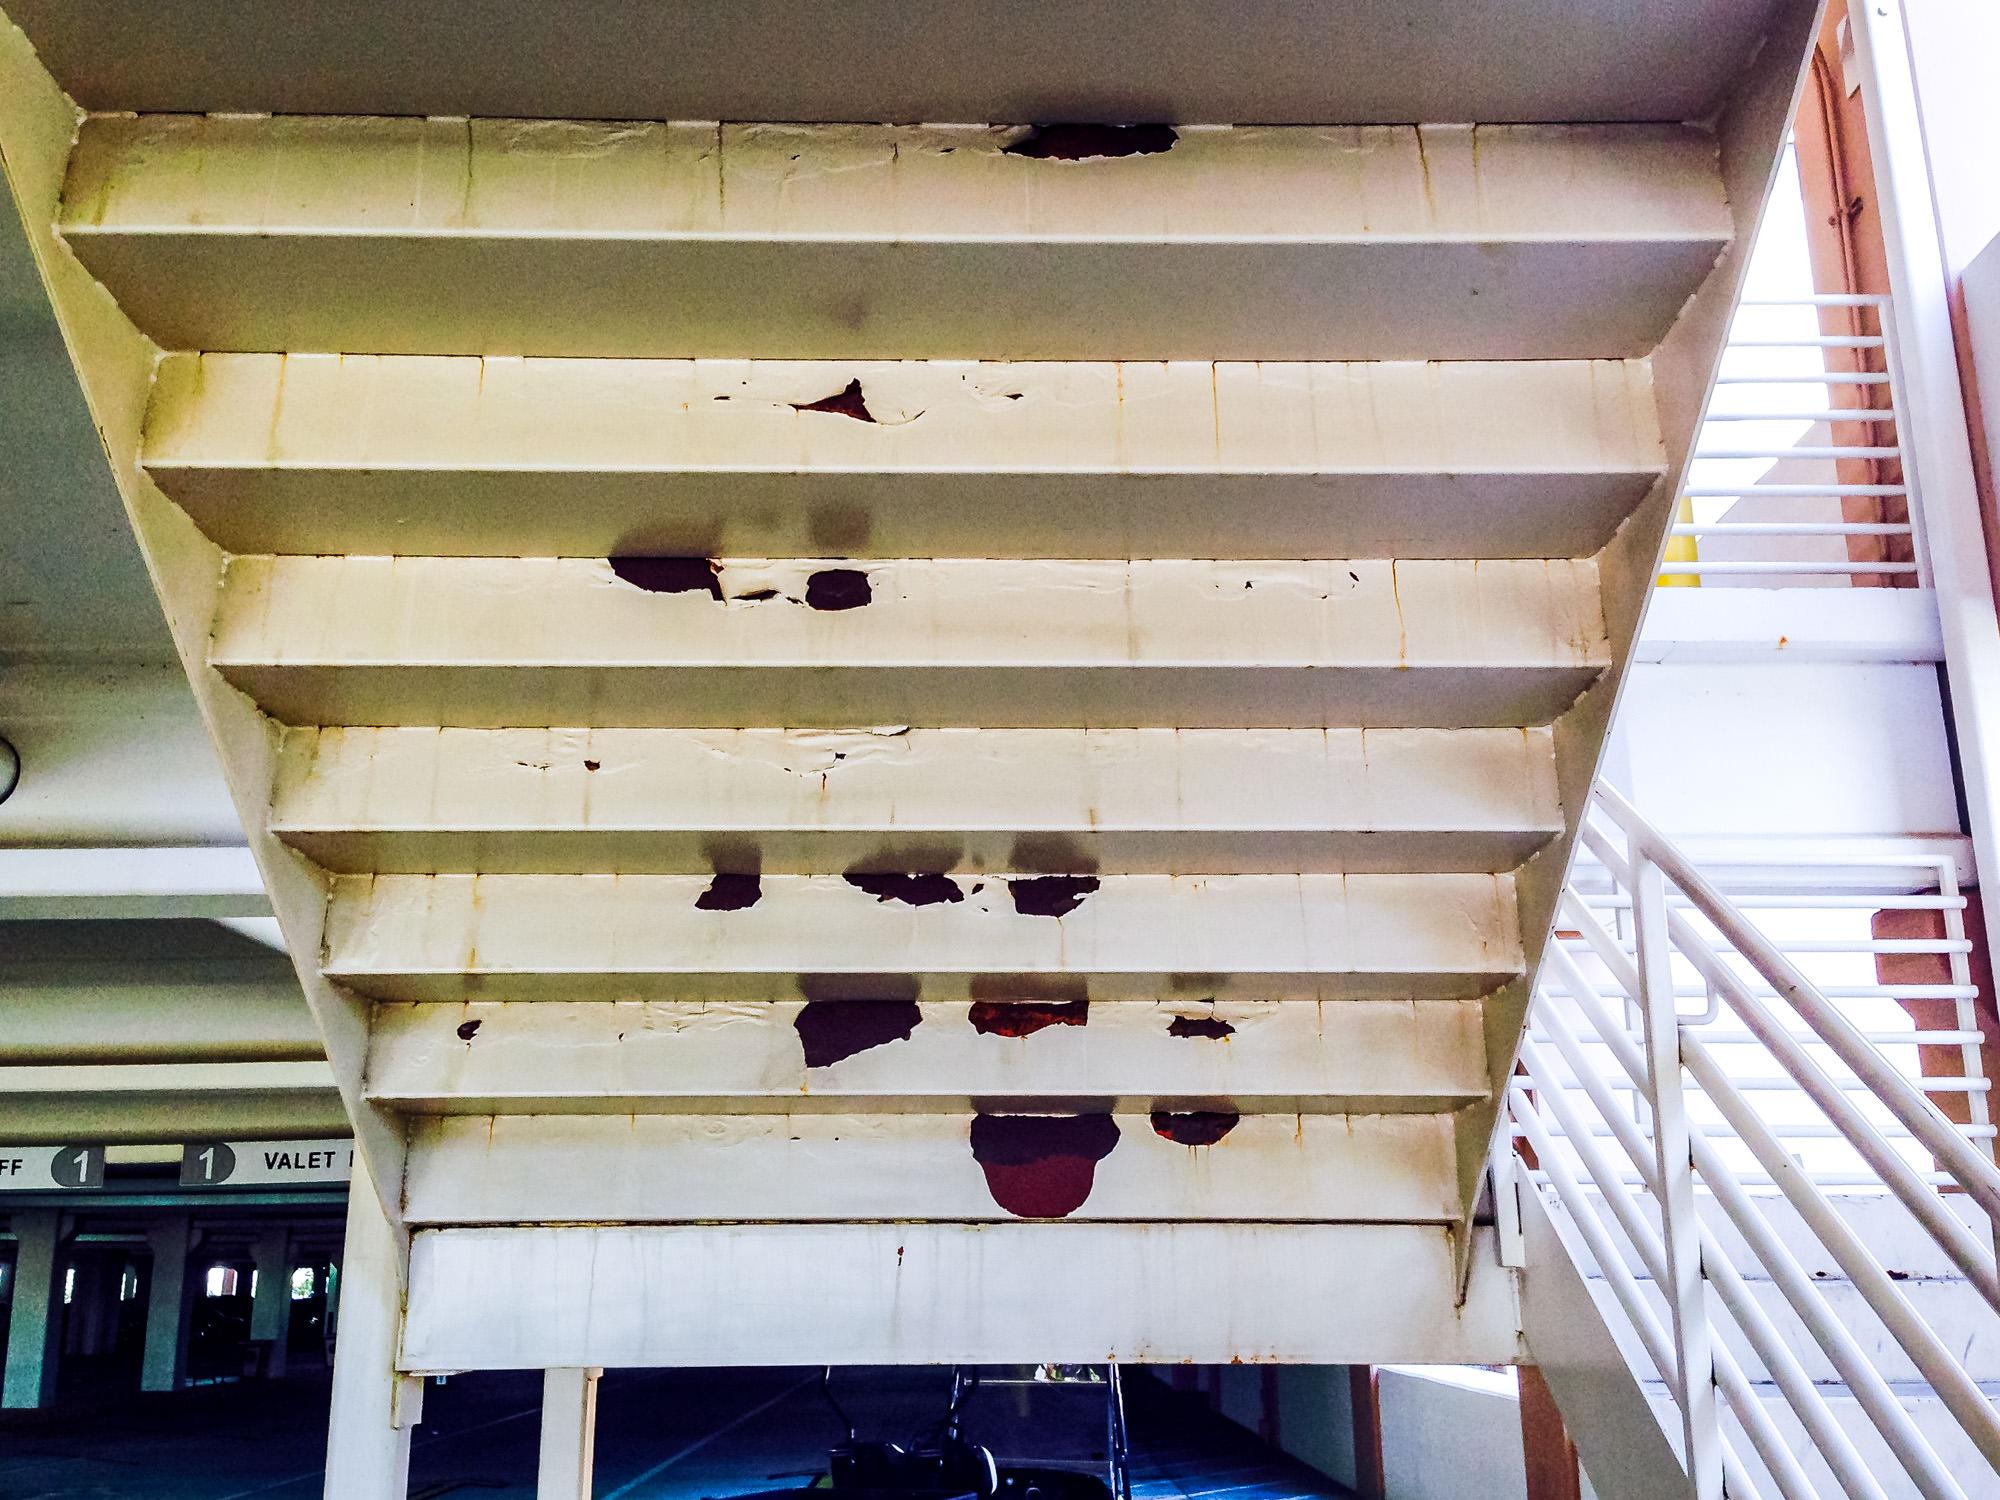 enecon-norcal-staircase-eneseal-cr-corrosion-resistance-2.jpg